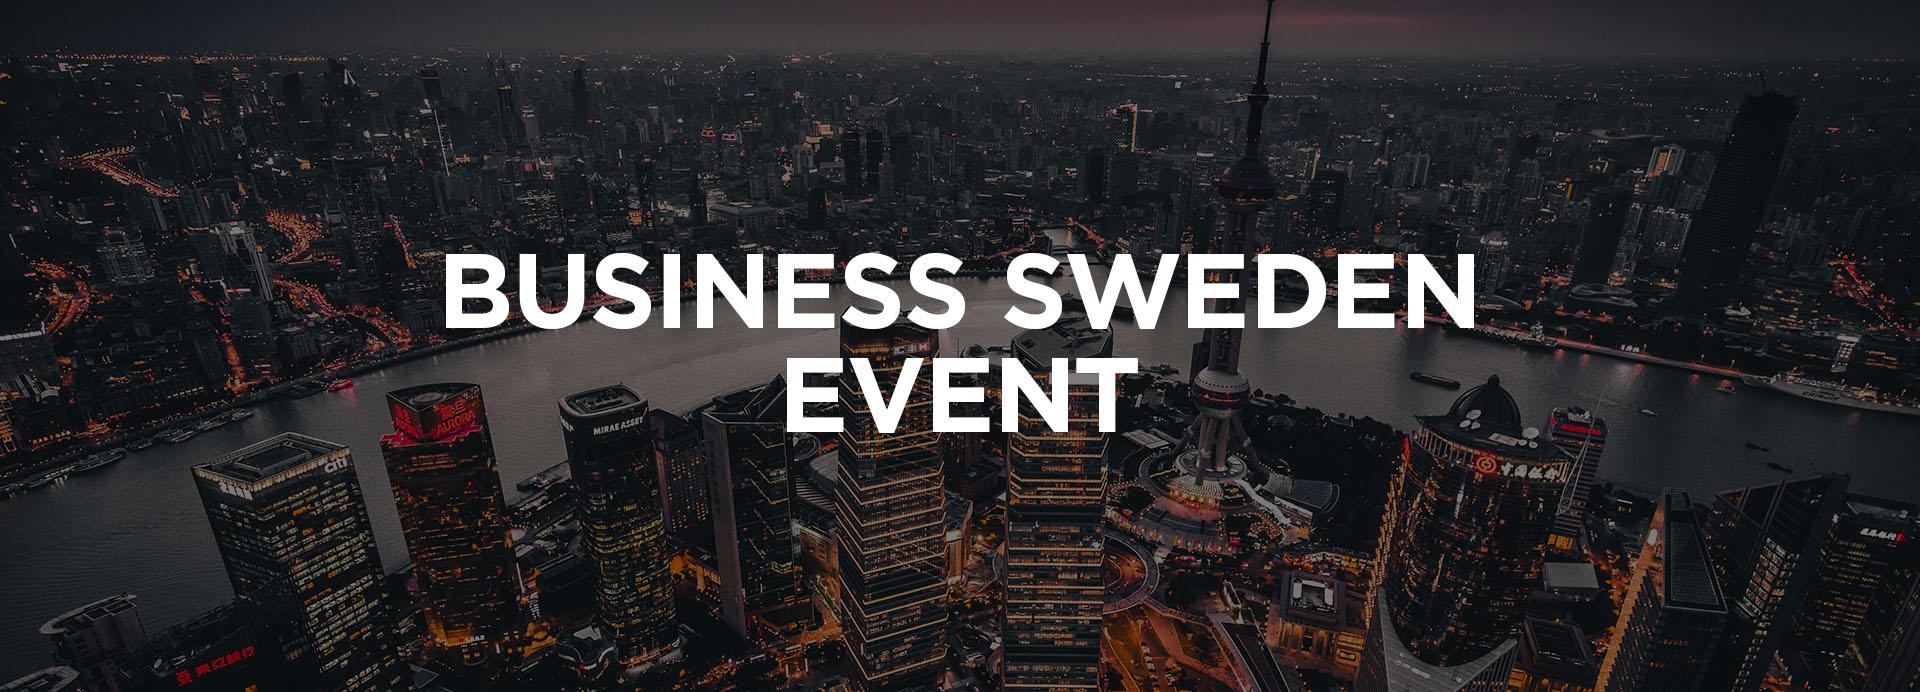 Businessswedenheader 1920x692